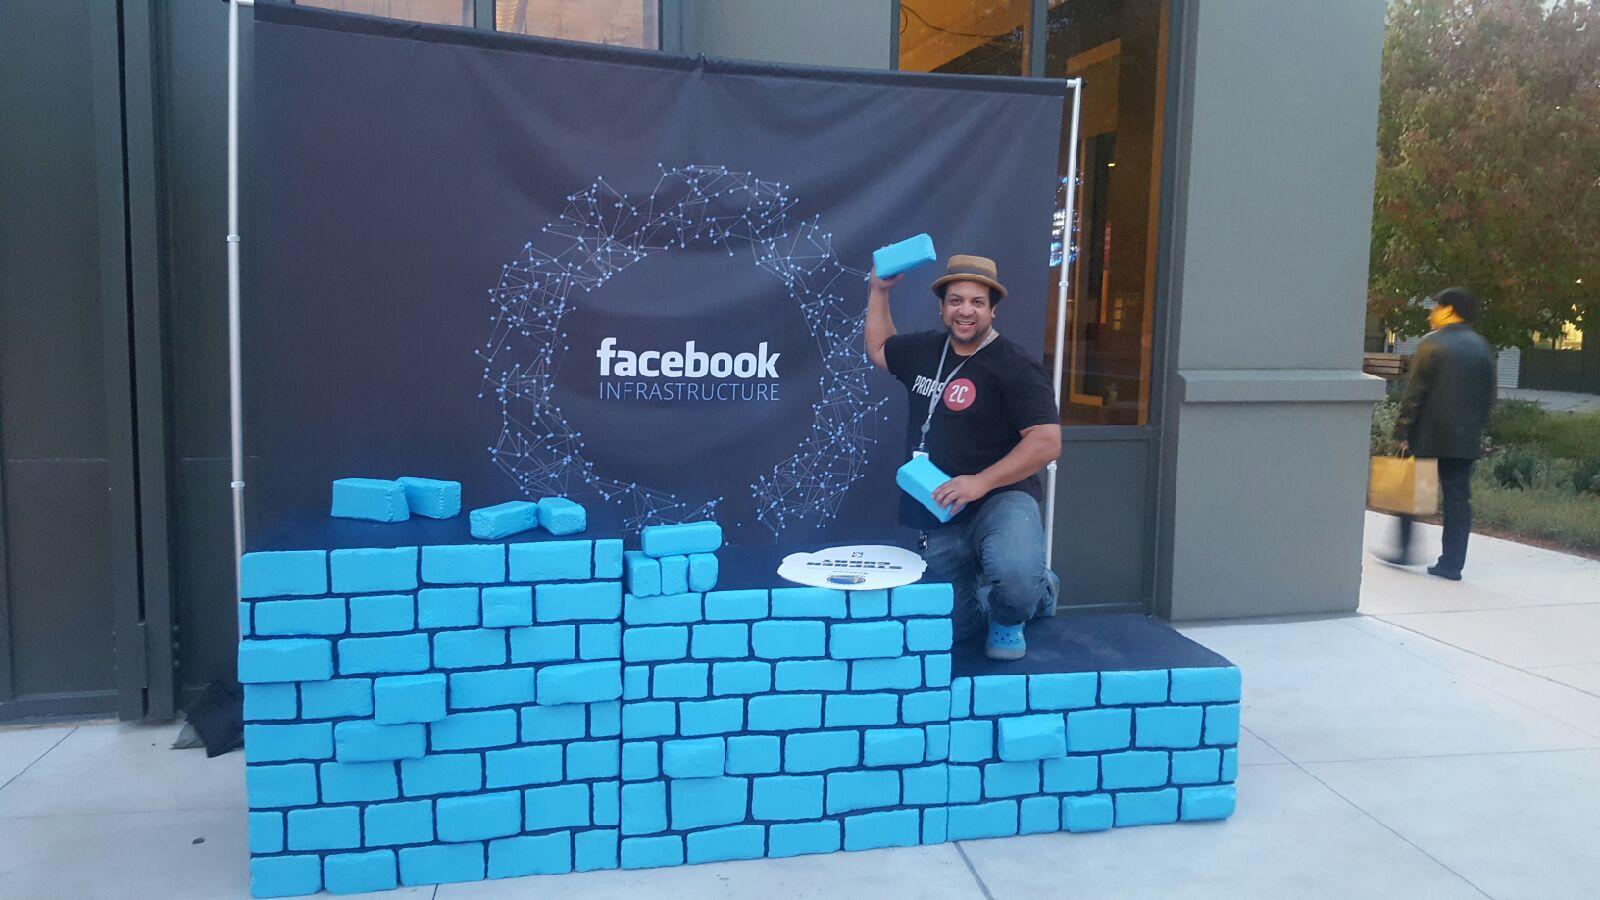 Facebook Bricks.jpg